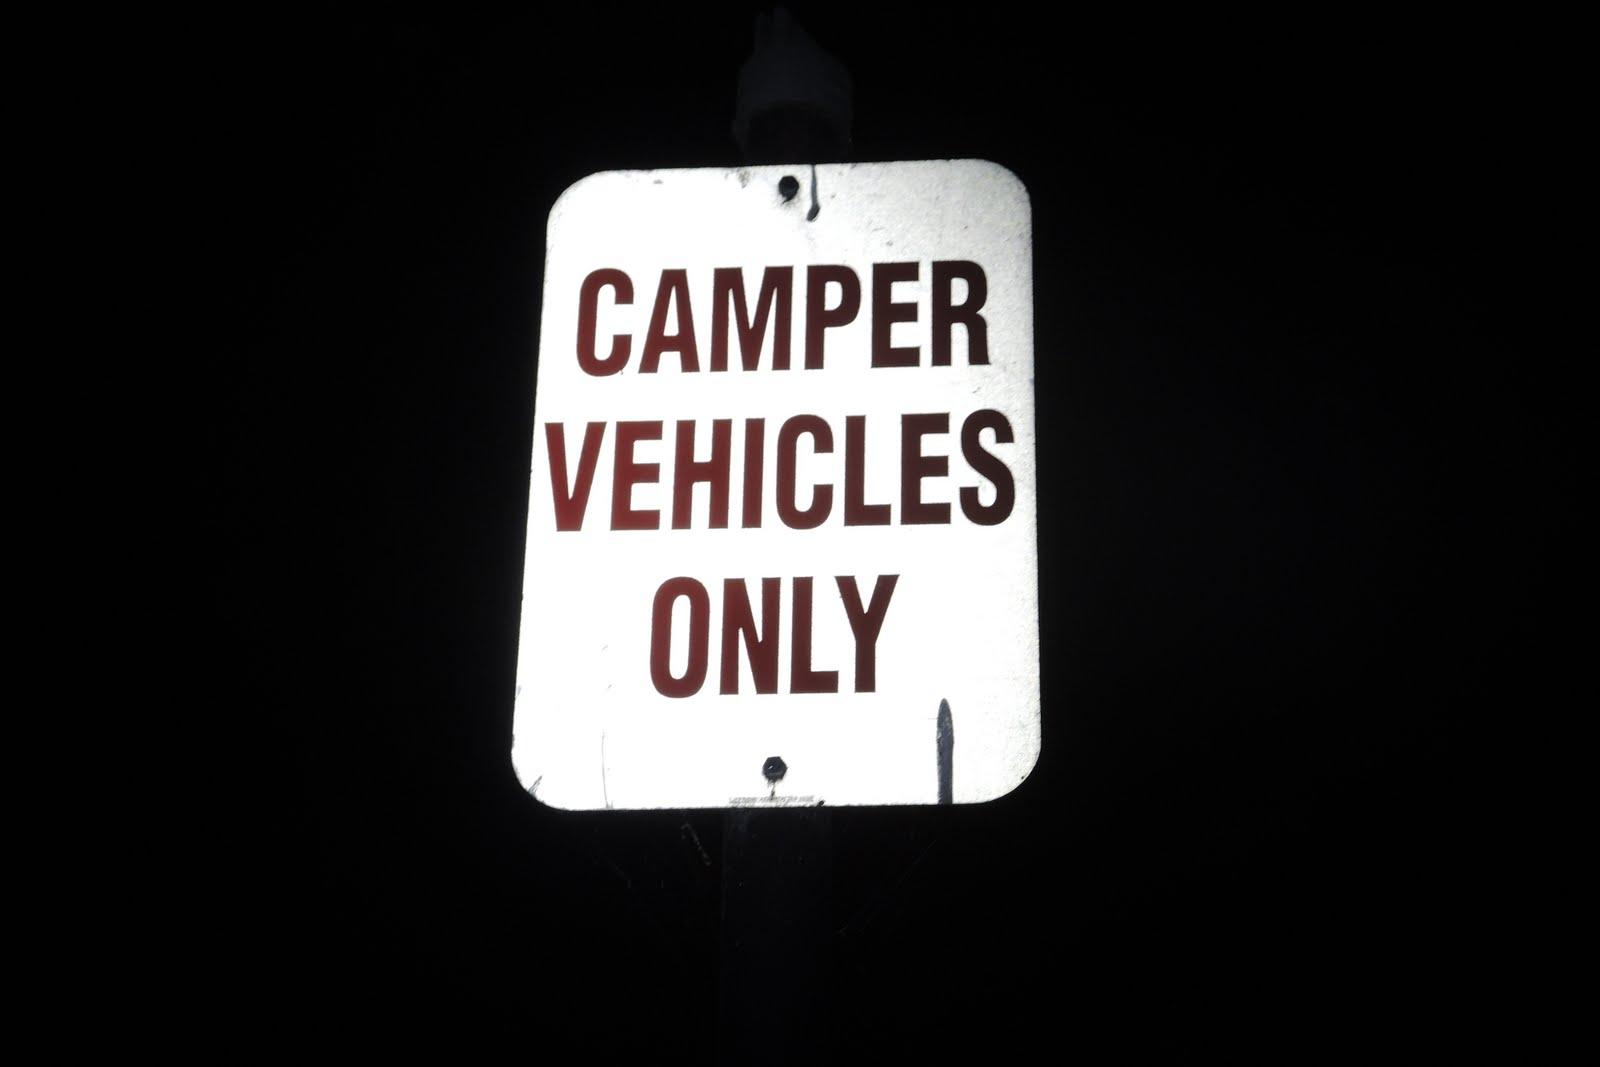 Je ne le savais pas, mais le parc permet de camper